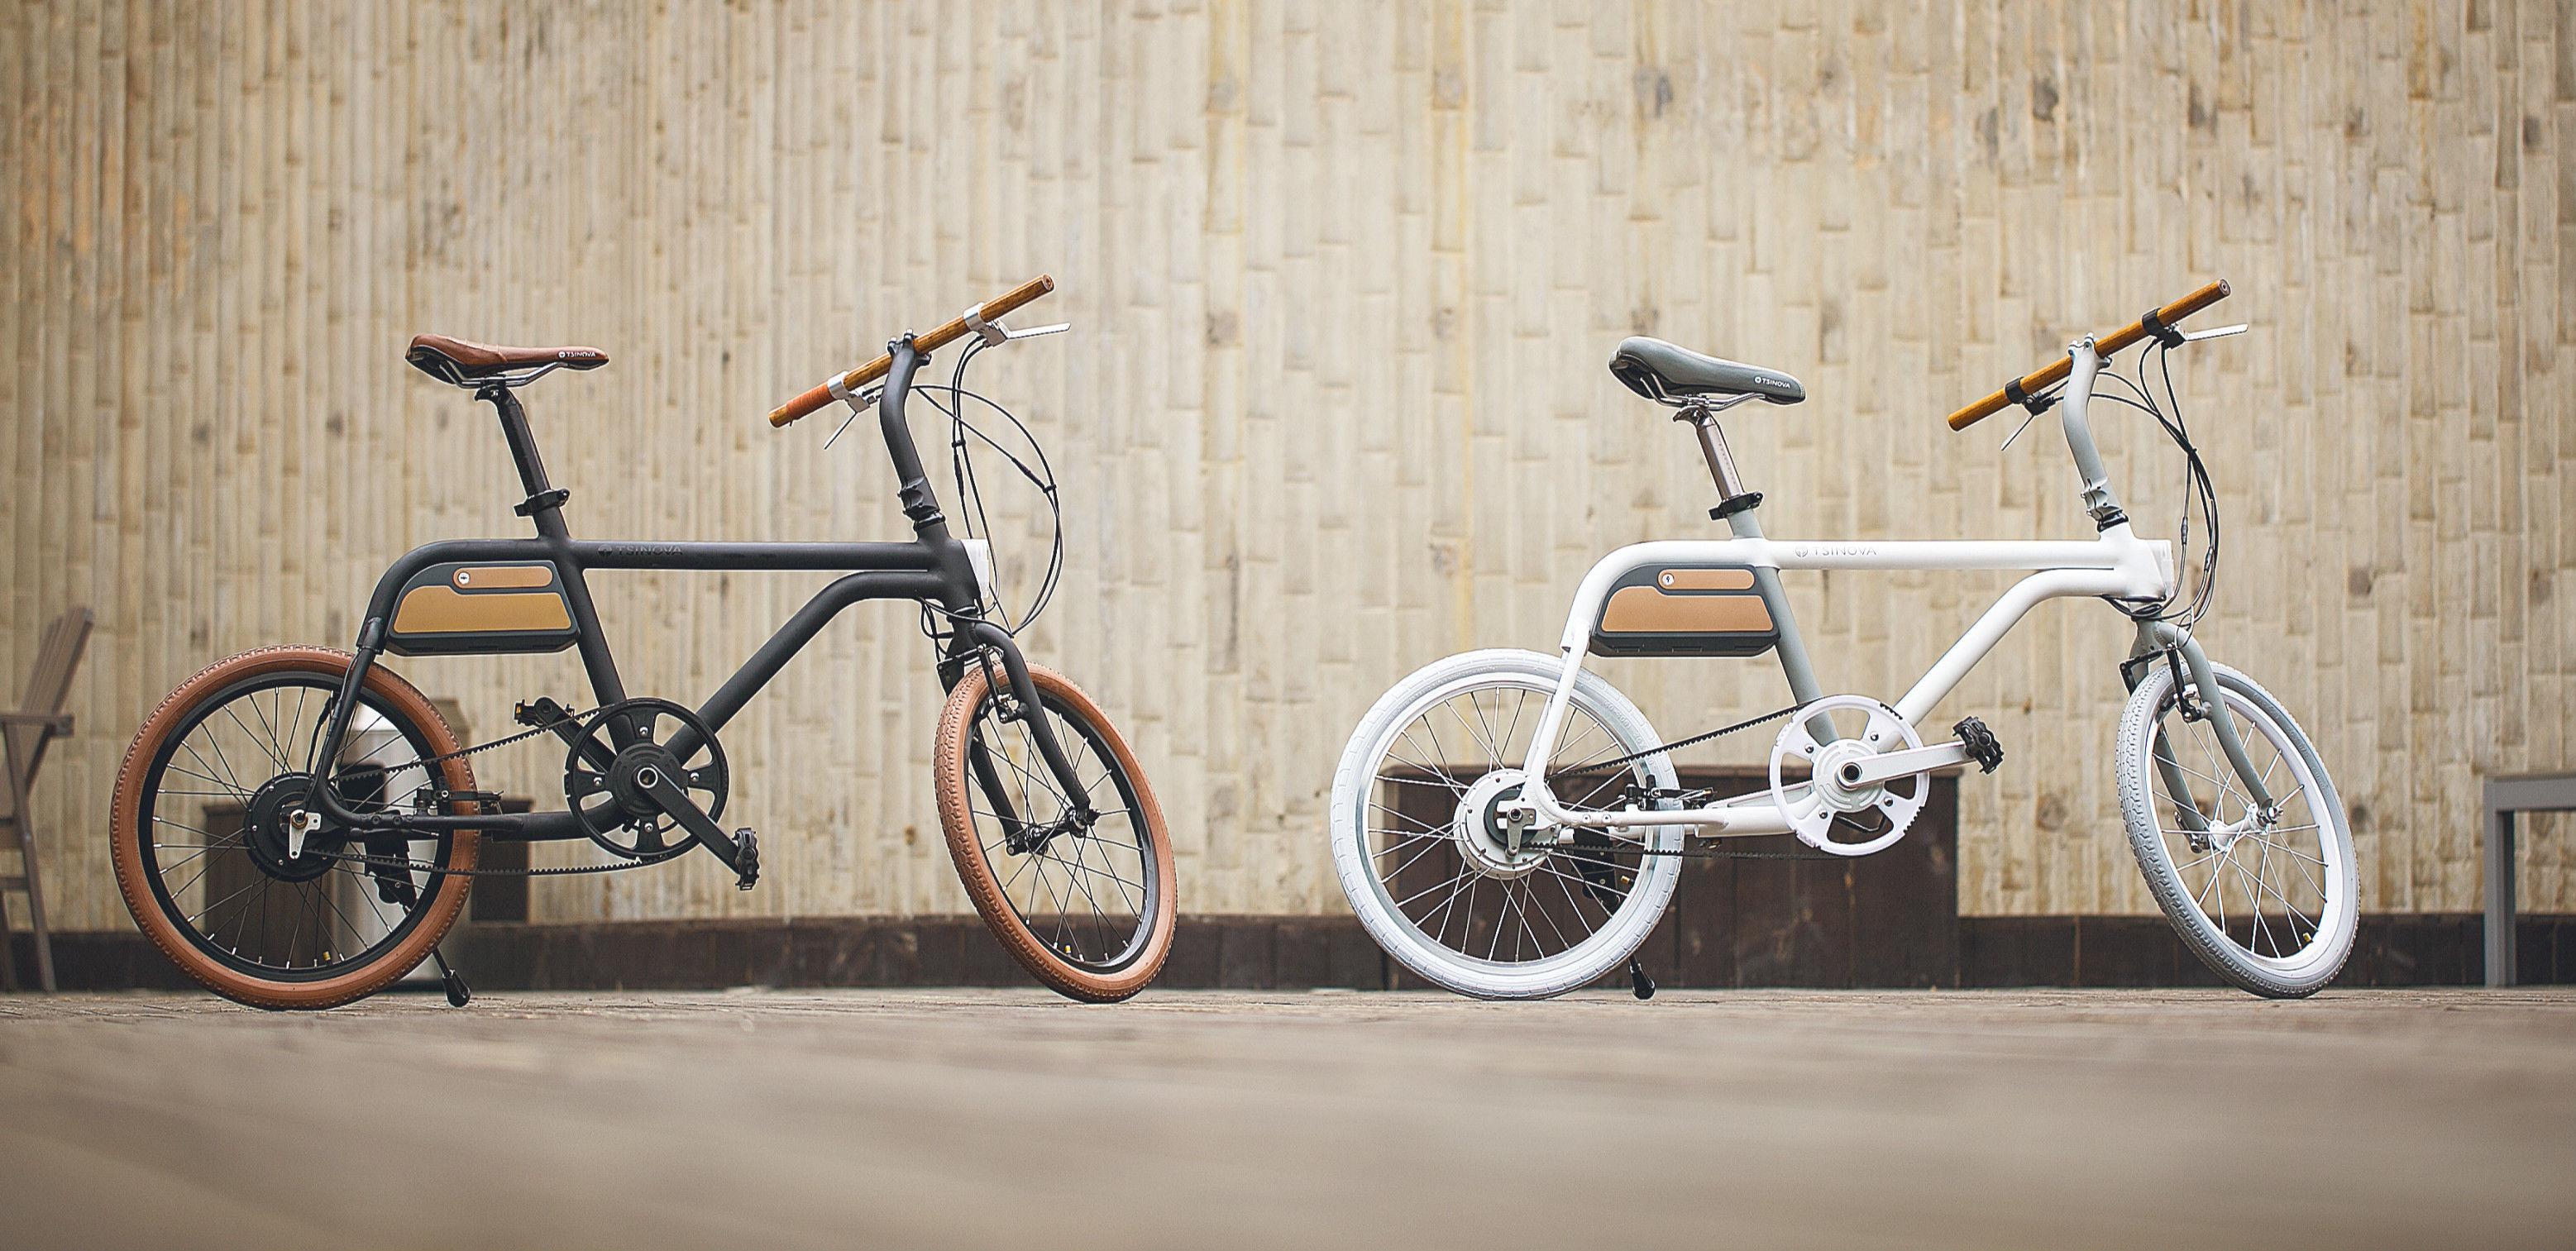 汽车设计师设计的电单车,你想不想试试?